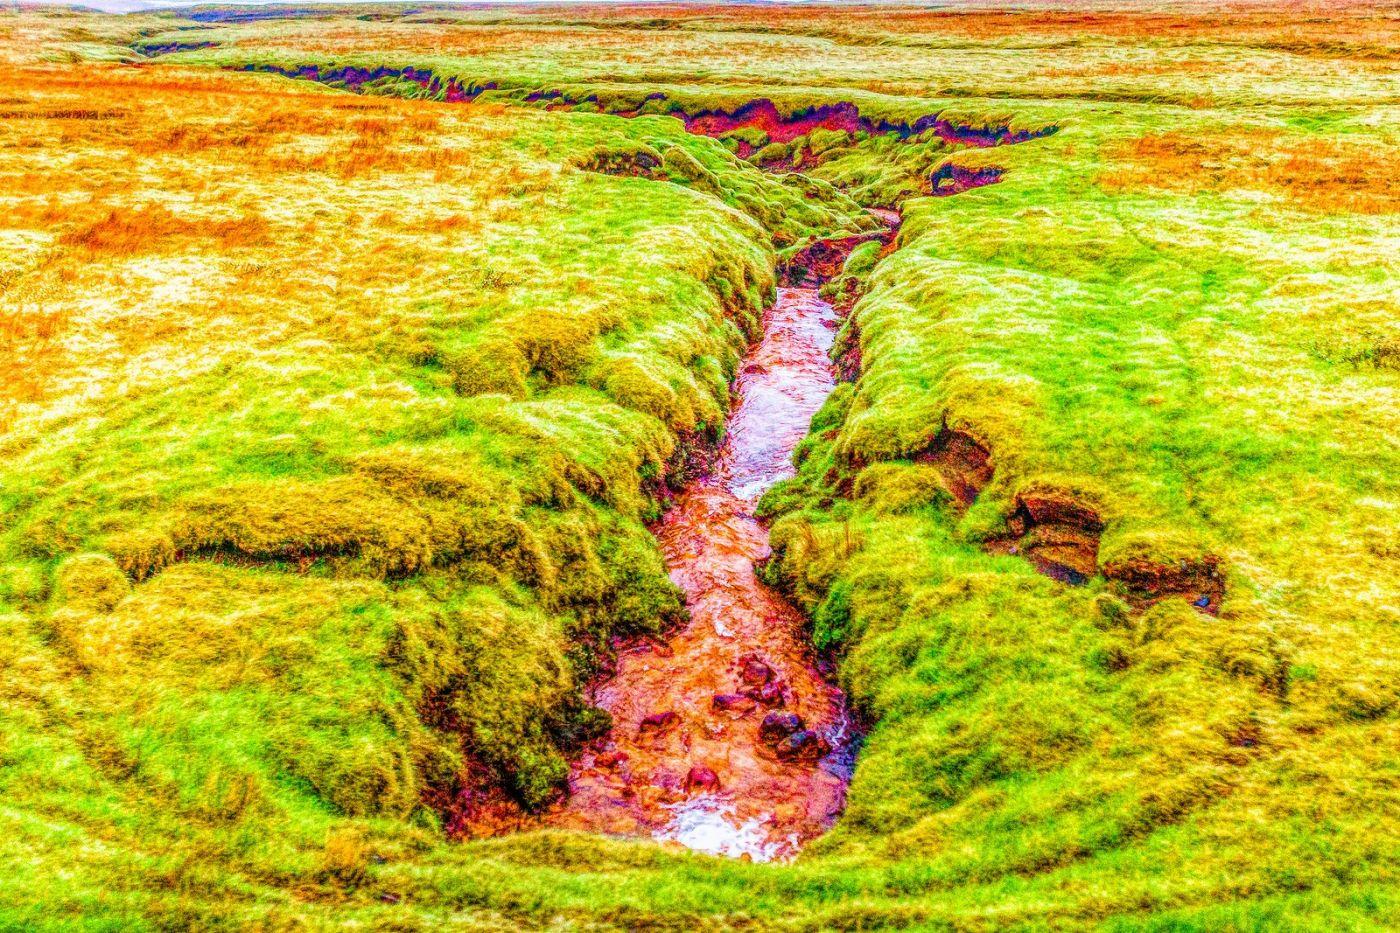 冰岛风采,延伸视野_图1-1